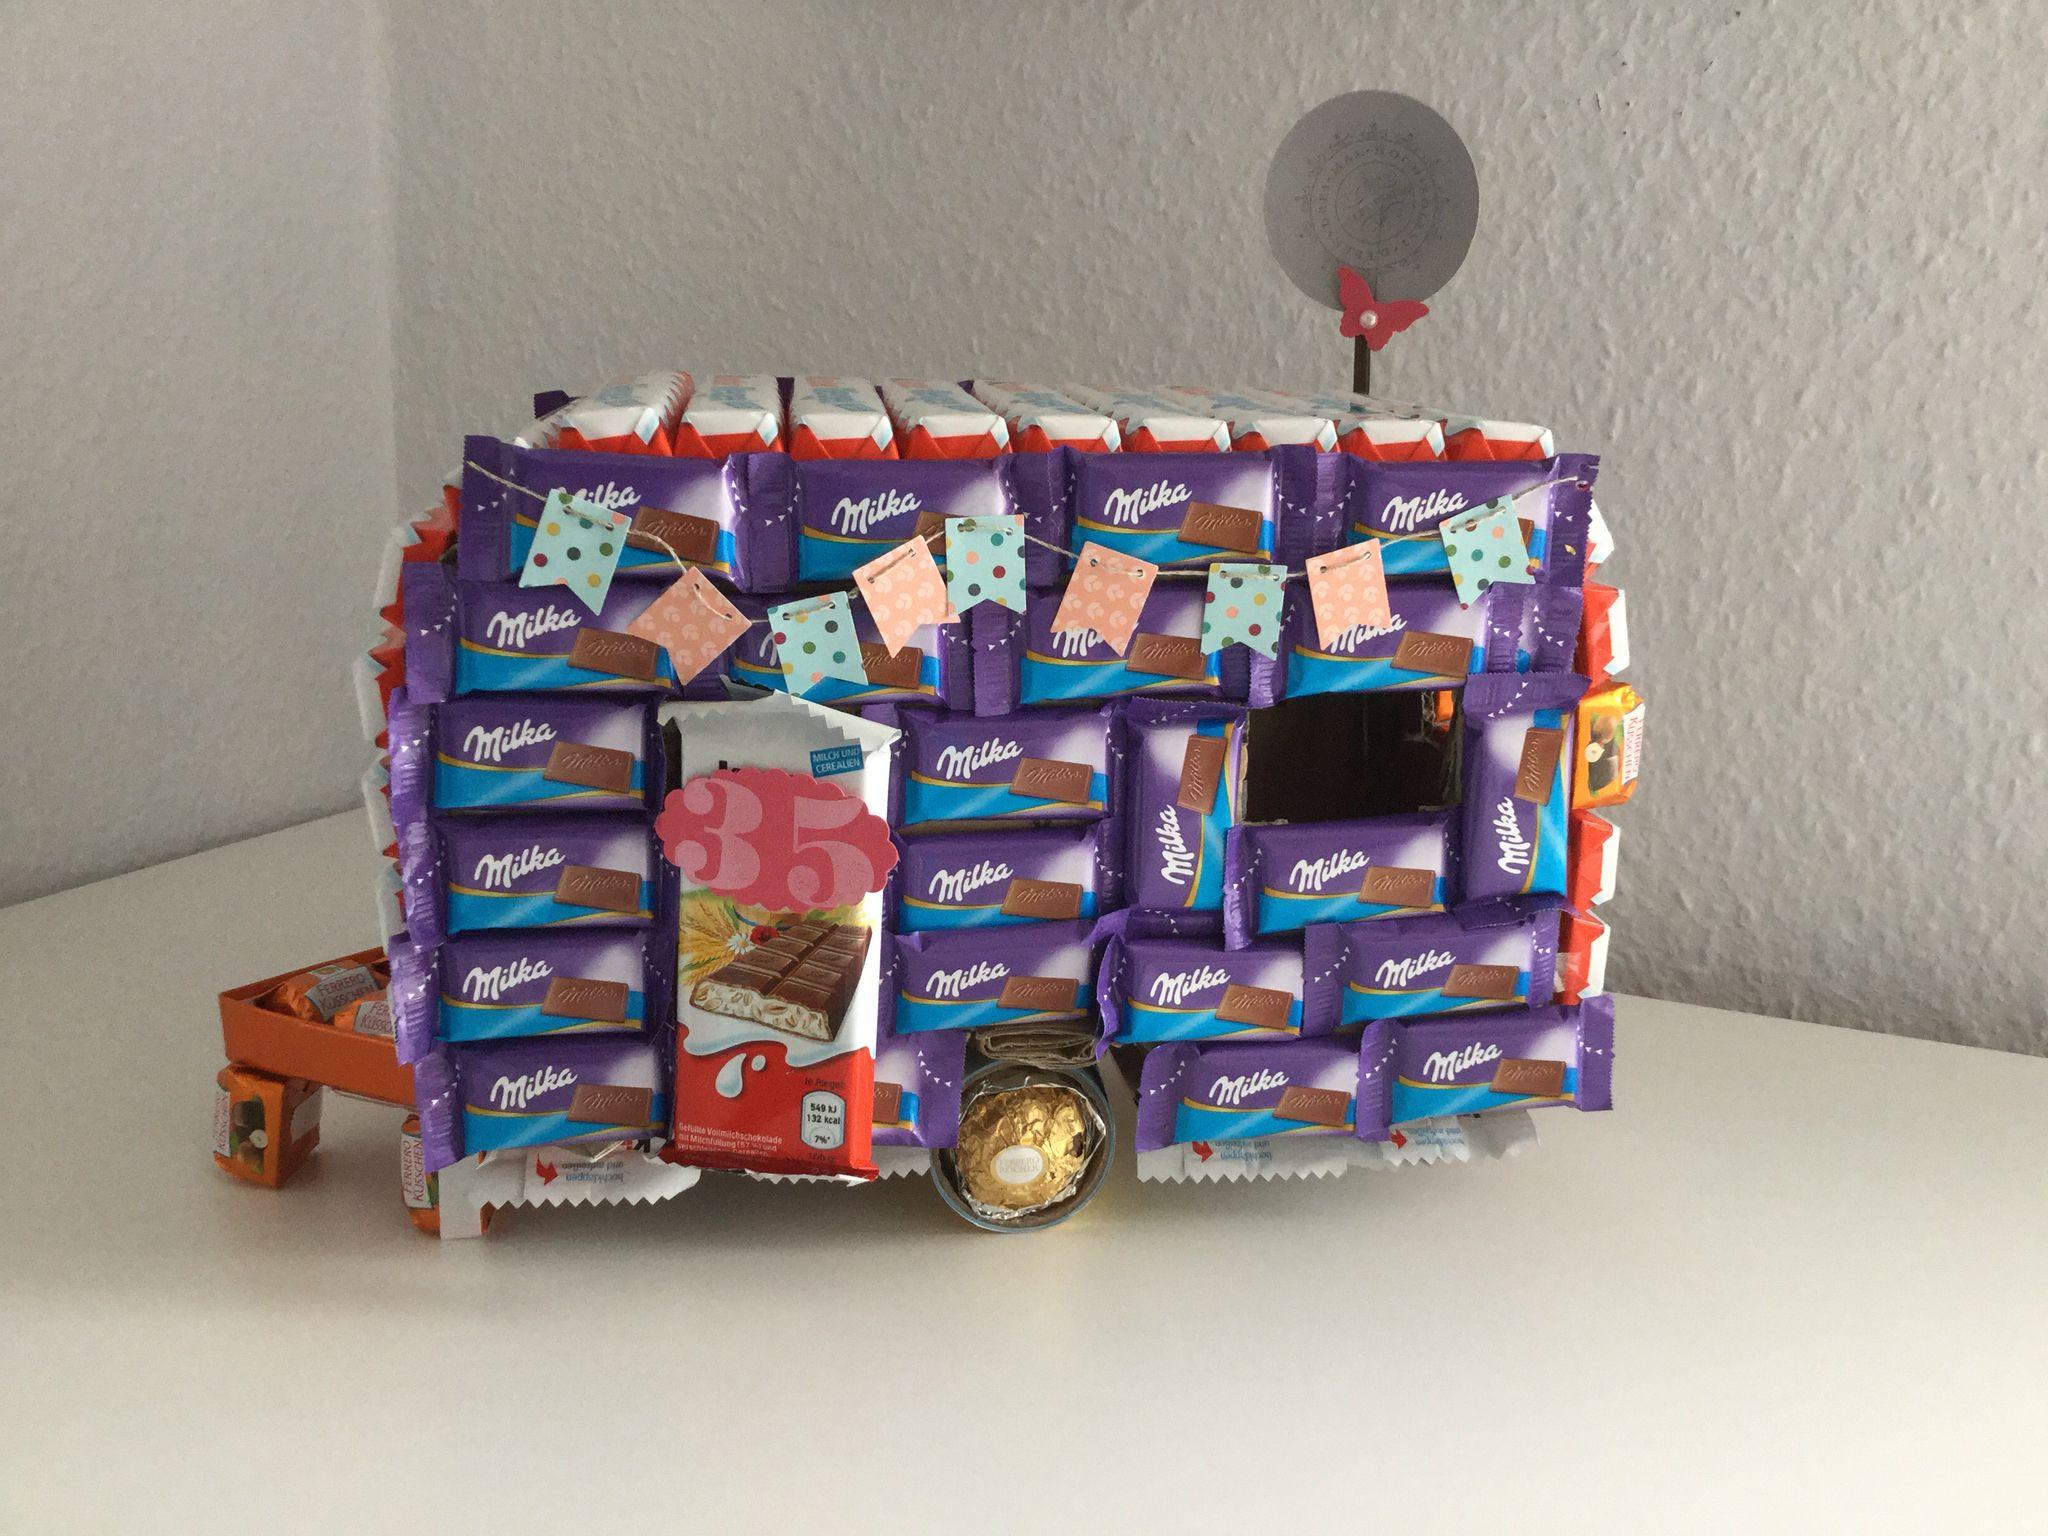 wohnwagen aus milka und kinderschokolade f r naschs chtige camper zum geburtstag pinterest. Black Bedroom Furniture Sets. Home Design Ideas